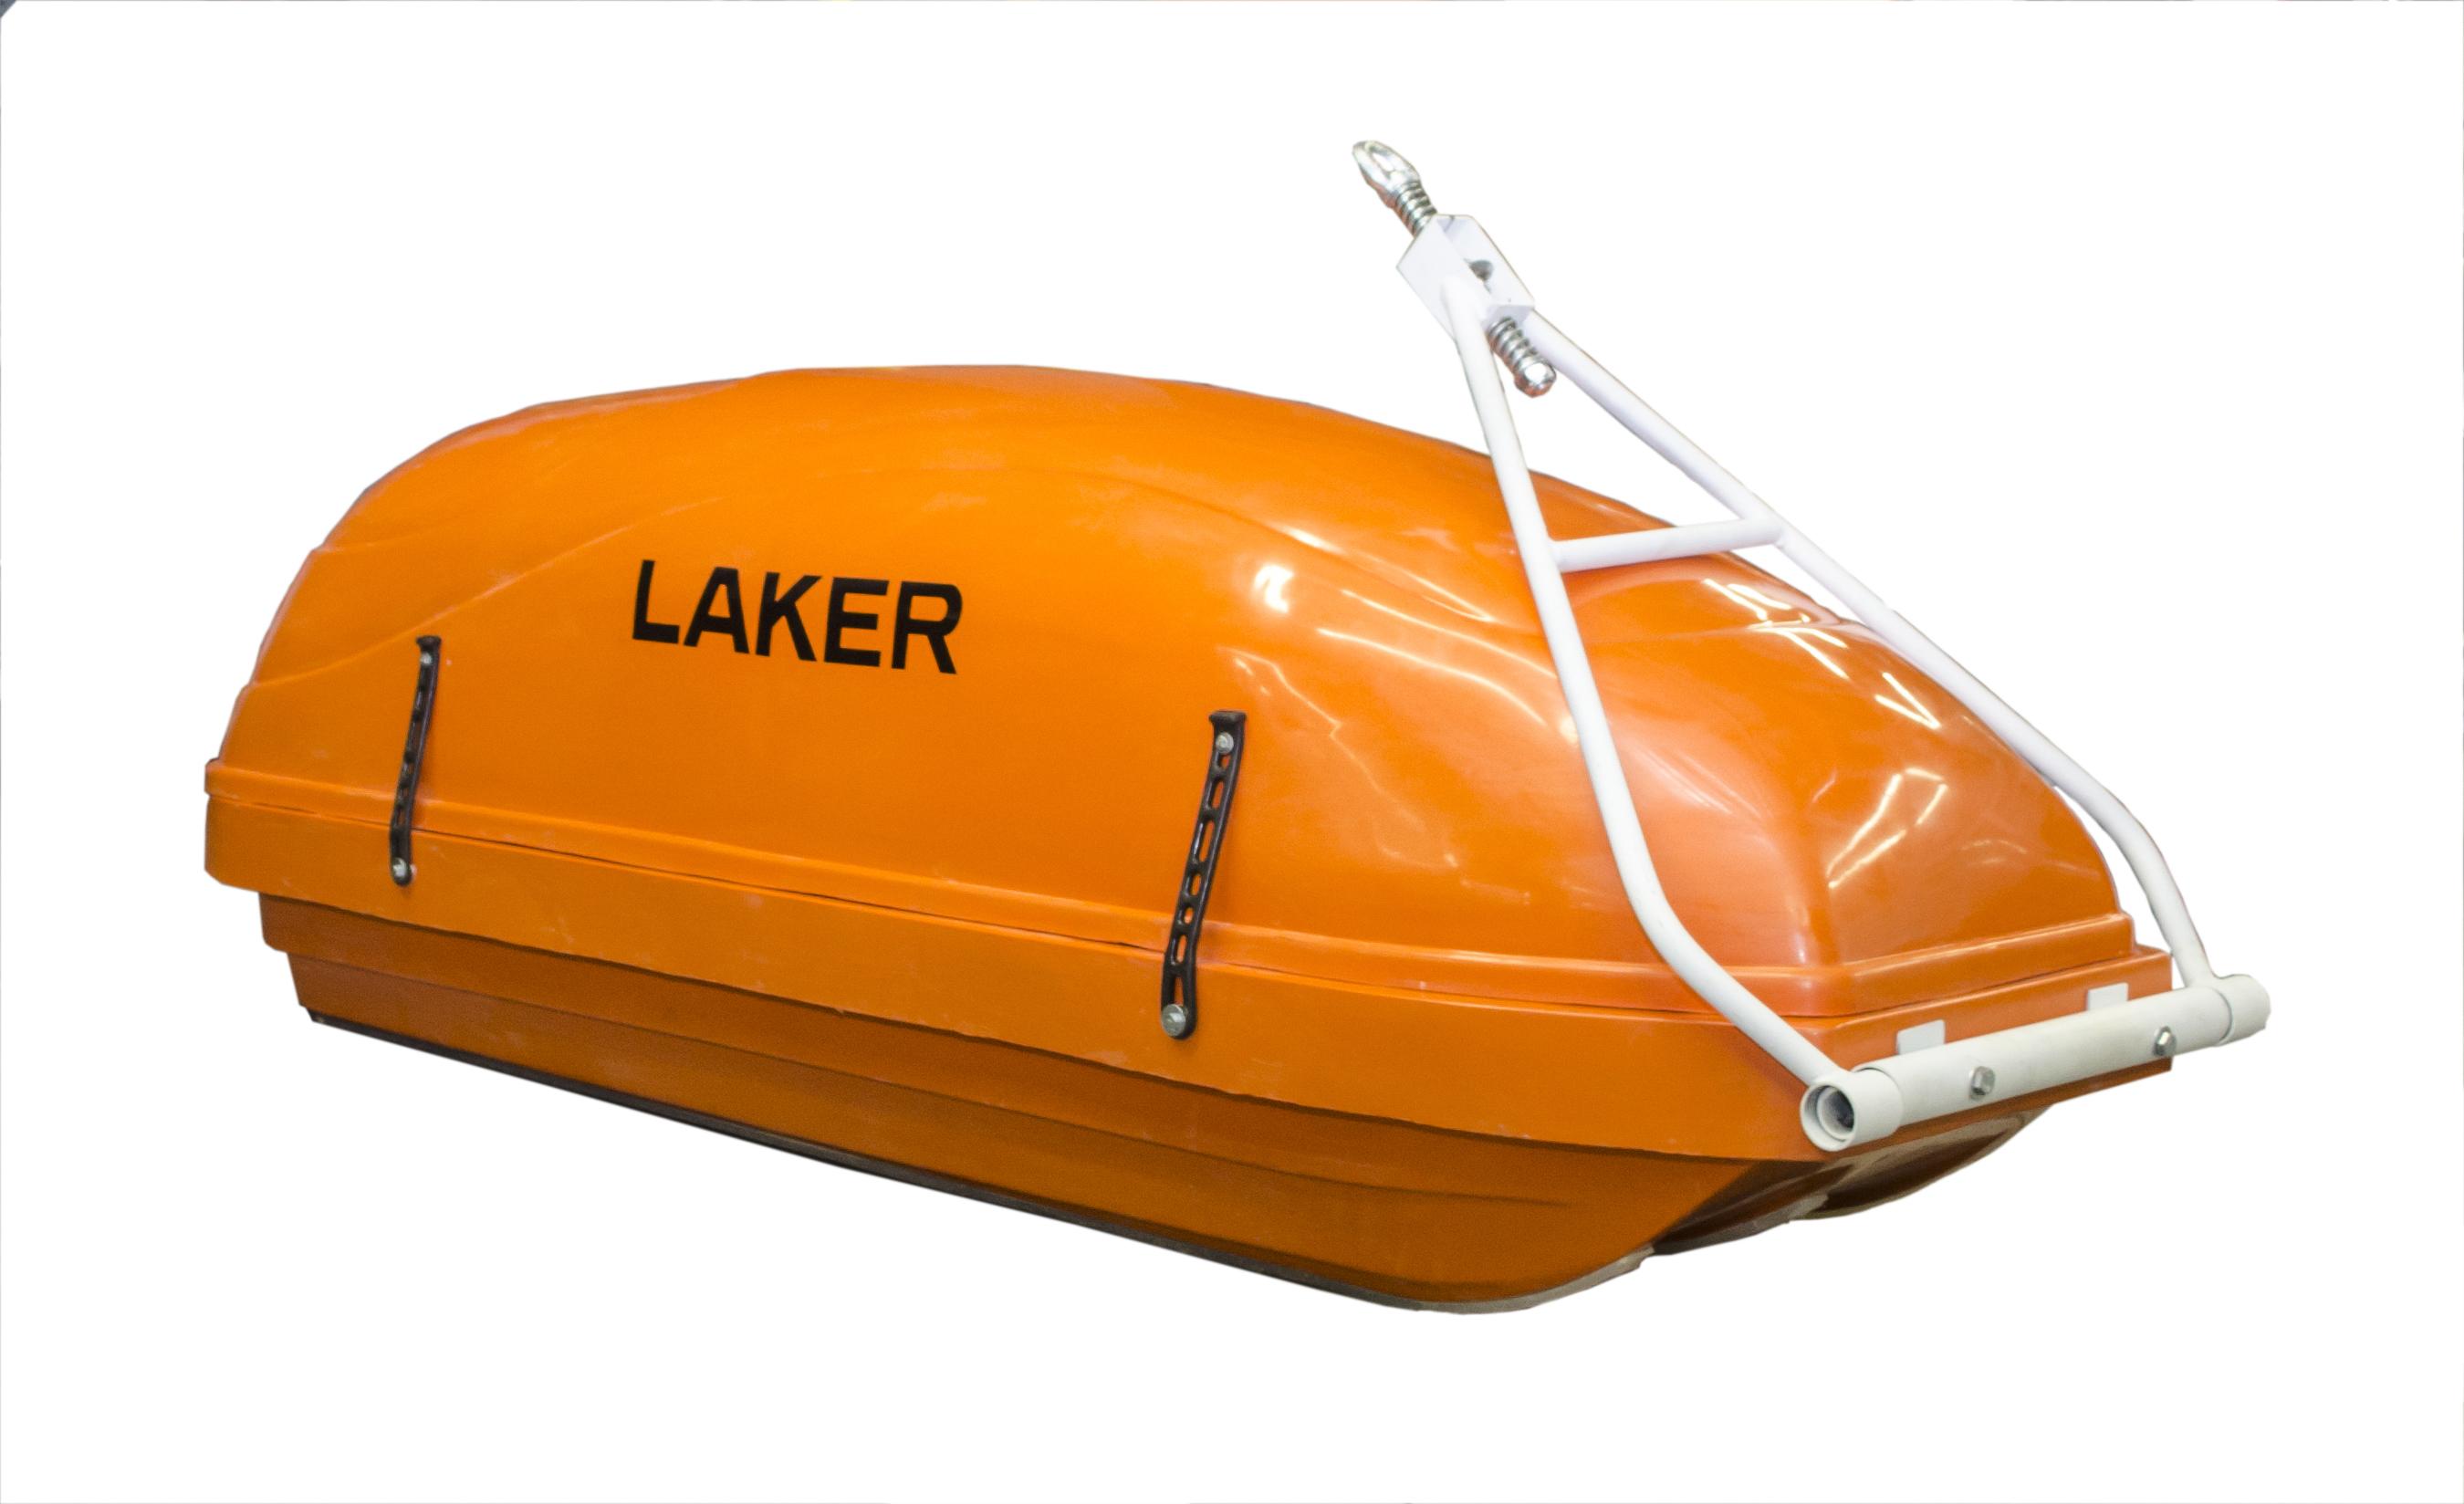 Прицеп LAKER волокушаВолокуши и прицепы для мотобуксировки<br>Волокуши для снегоходов Laker сделаны из морозостойкого пластика по типу багажных боксов на крышу автомобиля. Обеспечивают безопасность любого груза. Можно быть уверенным, что даже при быстром перемещении на снегоходе ваш груз доедет до точки назначения, ...<br>